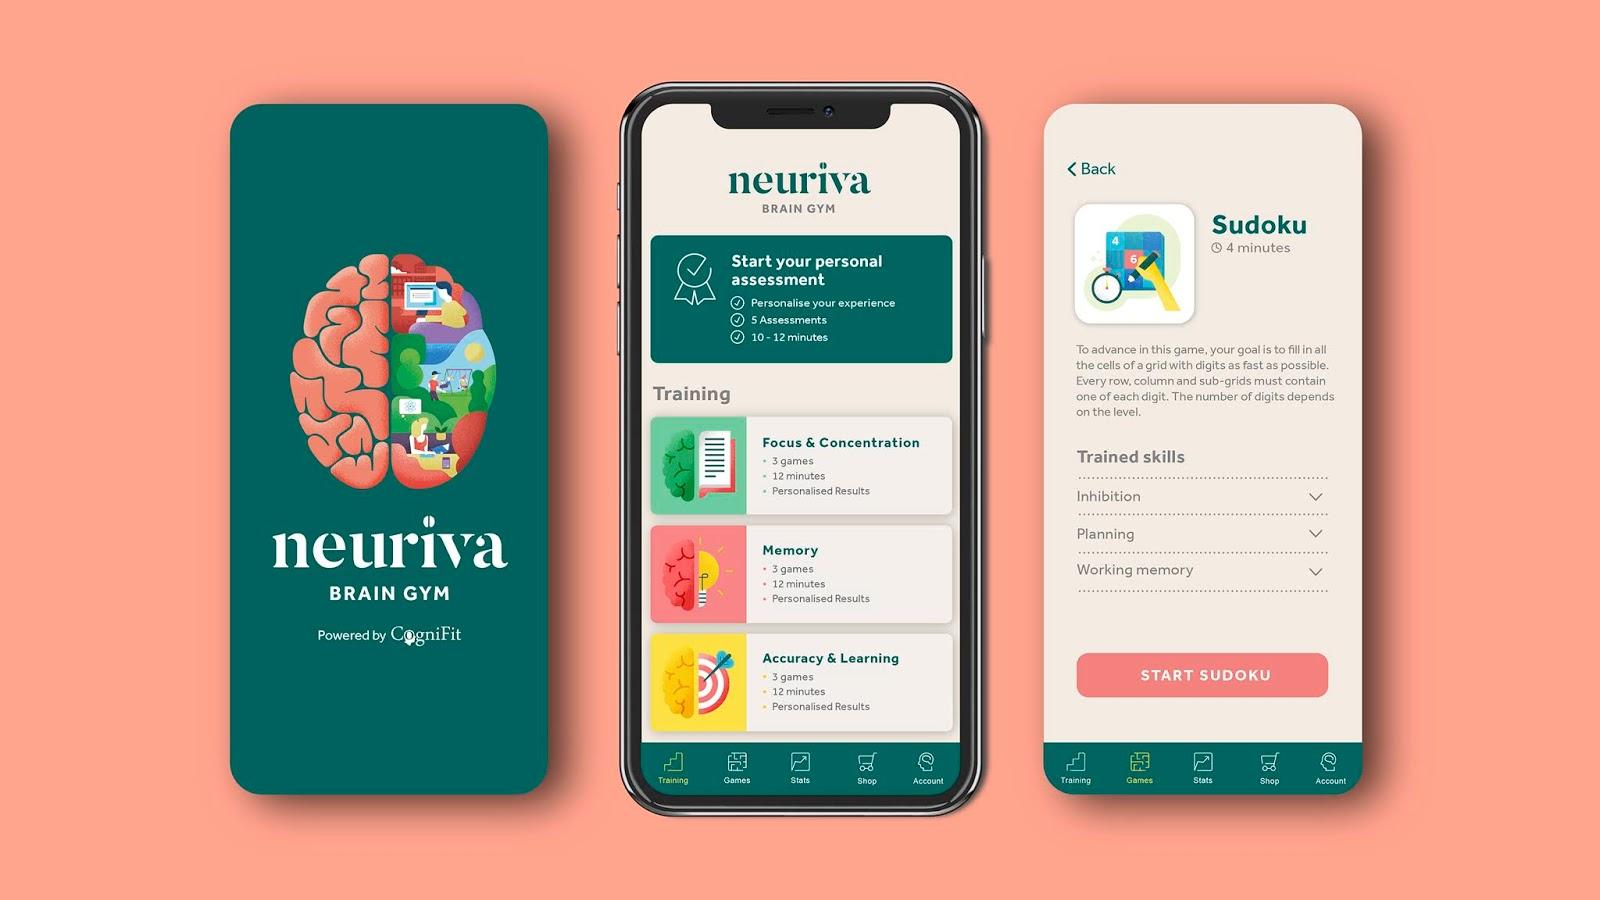 Neuriva 大脑健康营养补充系列保健品品牌手机端设计